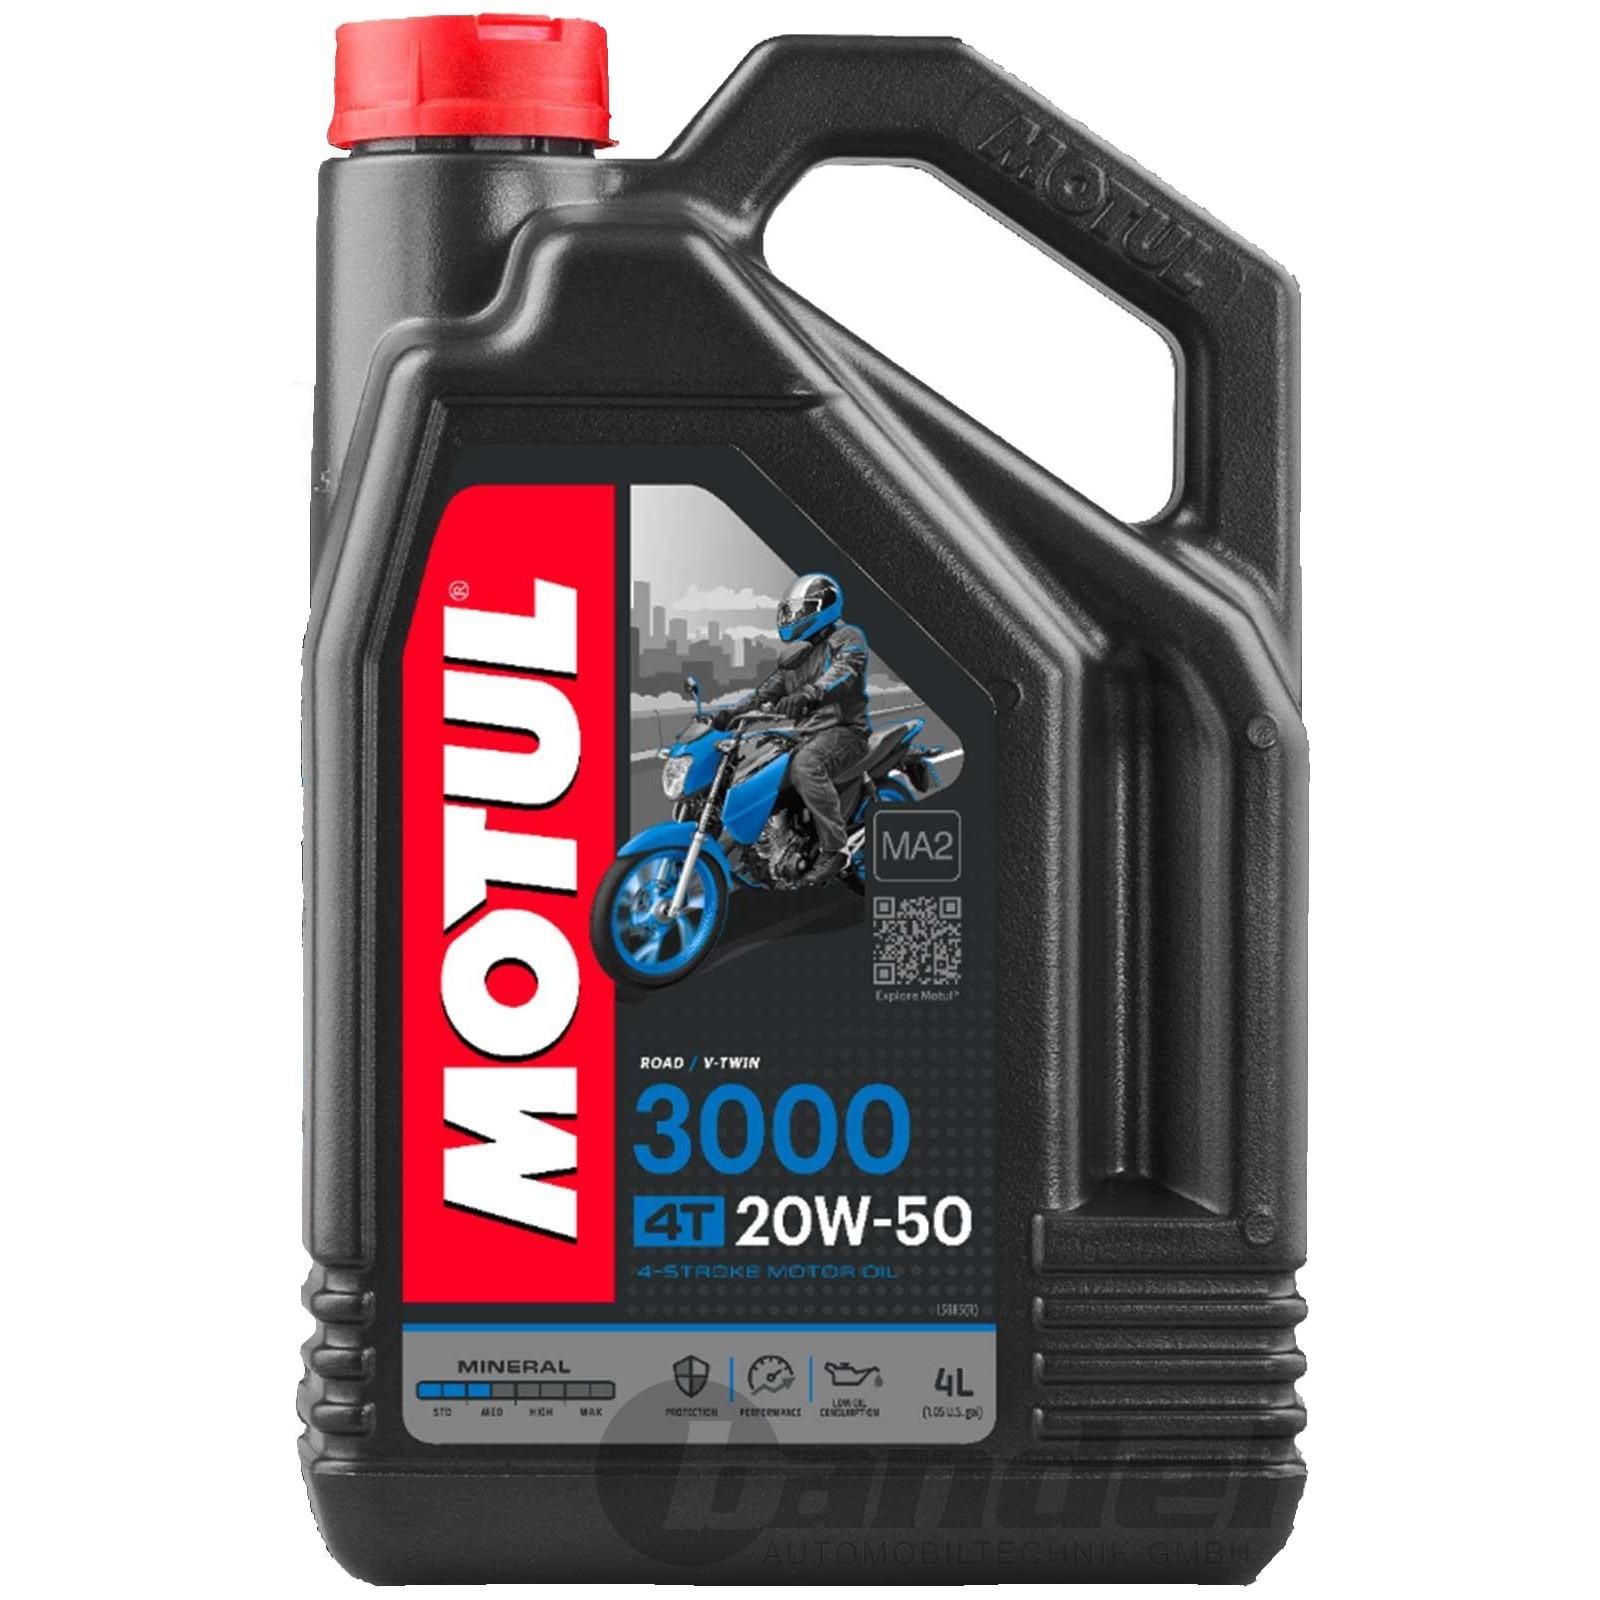 Mineralinė alyva MOTUL 3000 4T 20W-50 4L